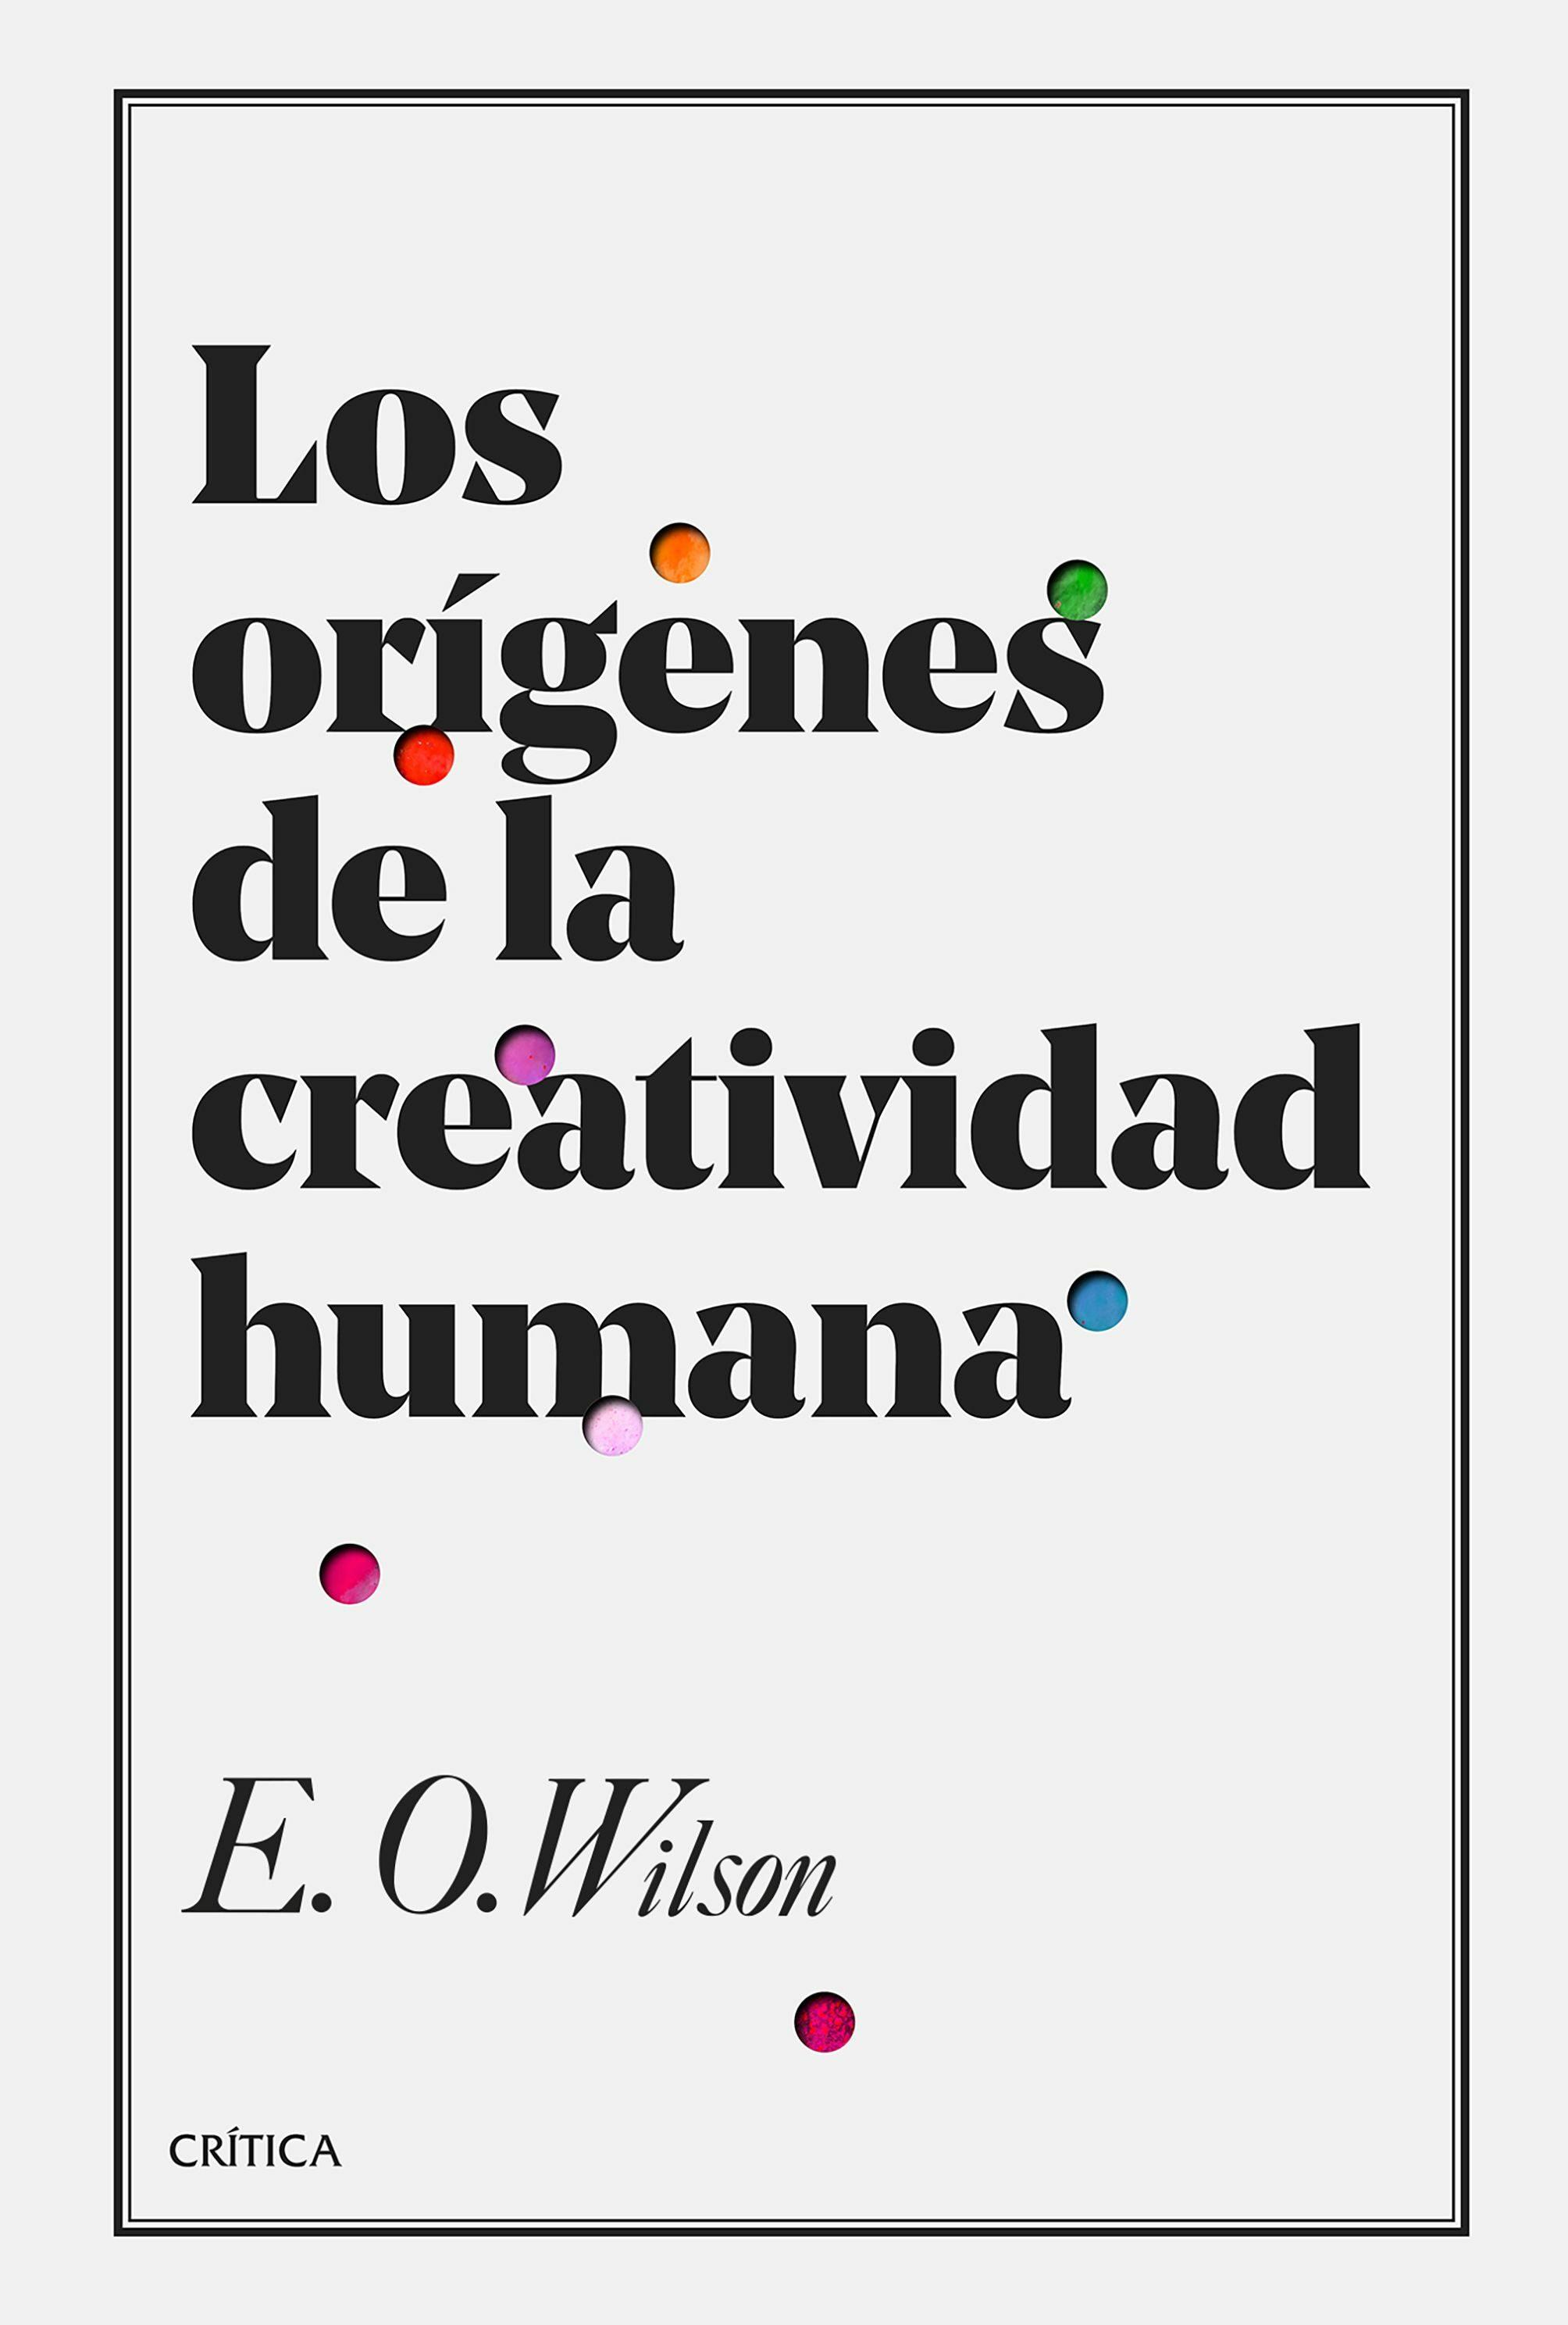 Los Orígenes De La Creatividad Humana por Edward O. Wilson